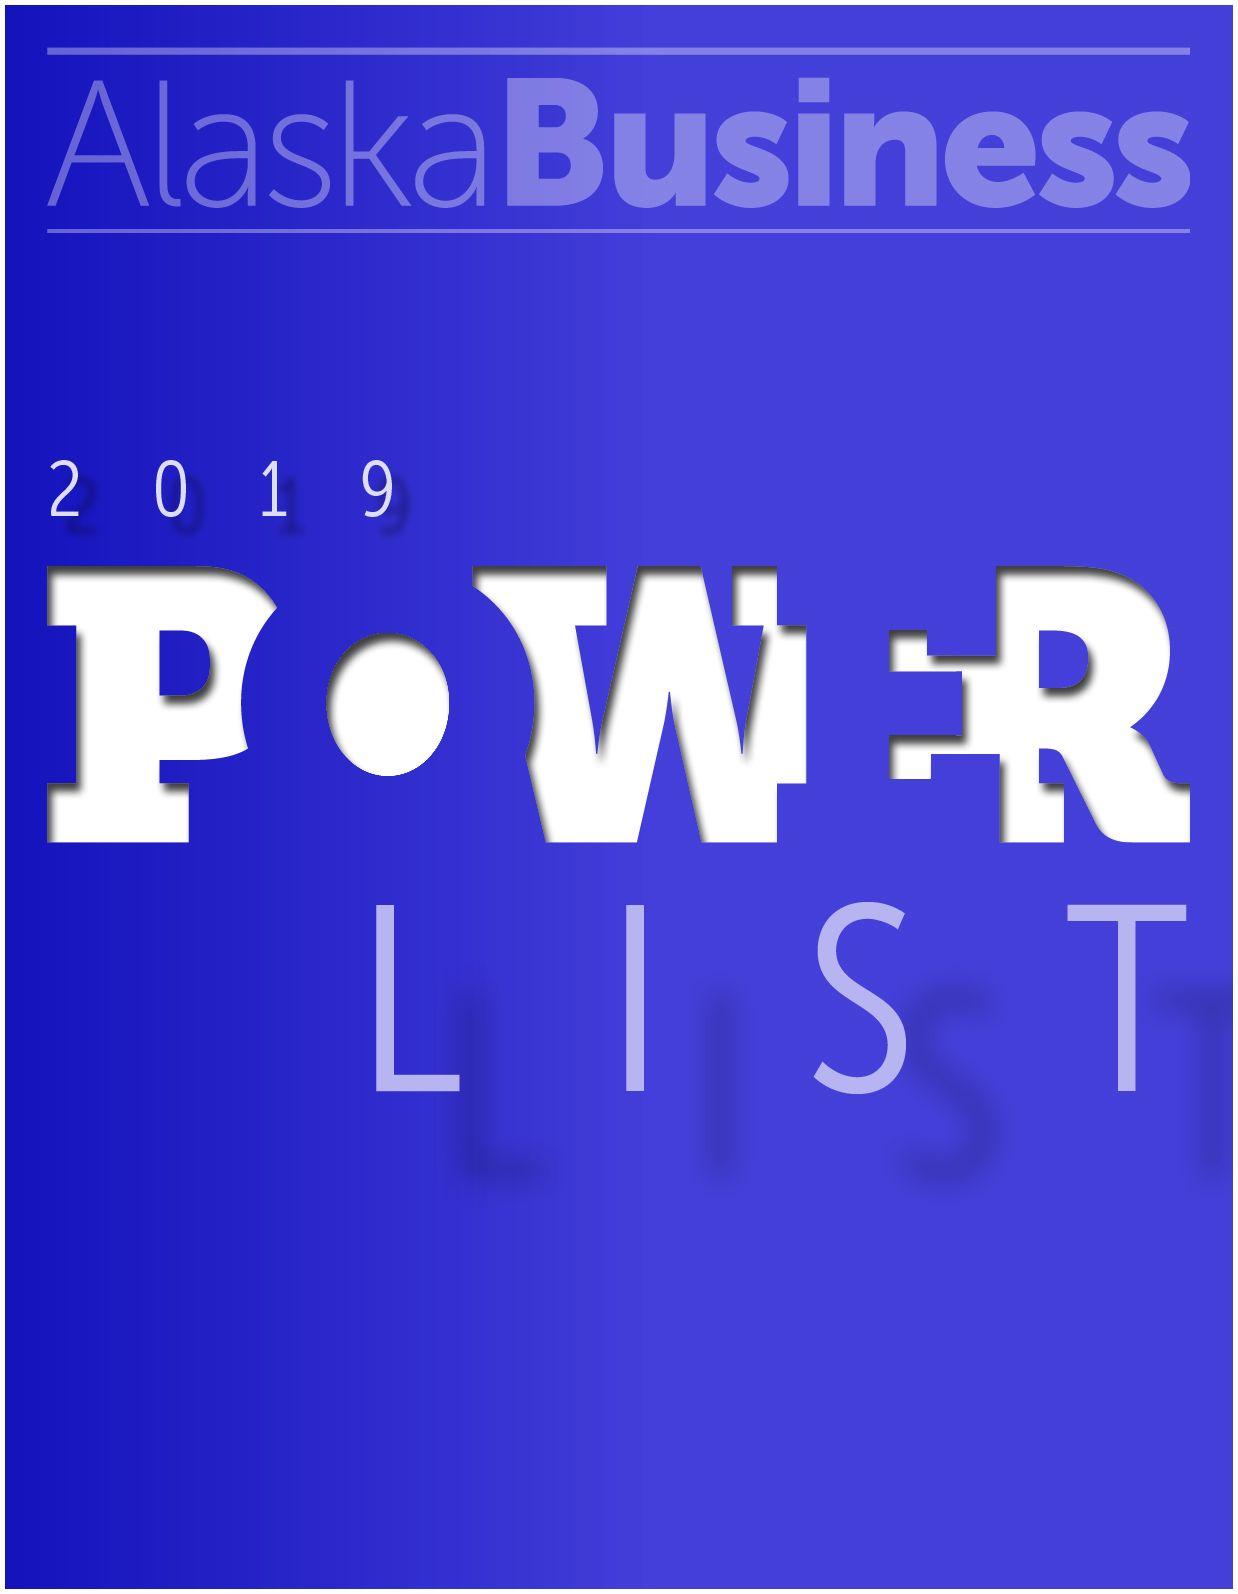 Alaska Business Magazine Get the Power List Alaska Business Magazine